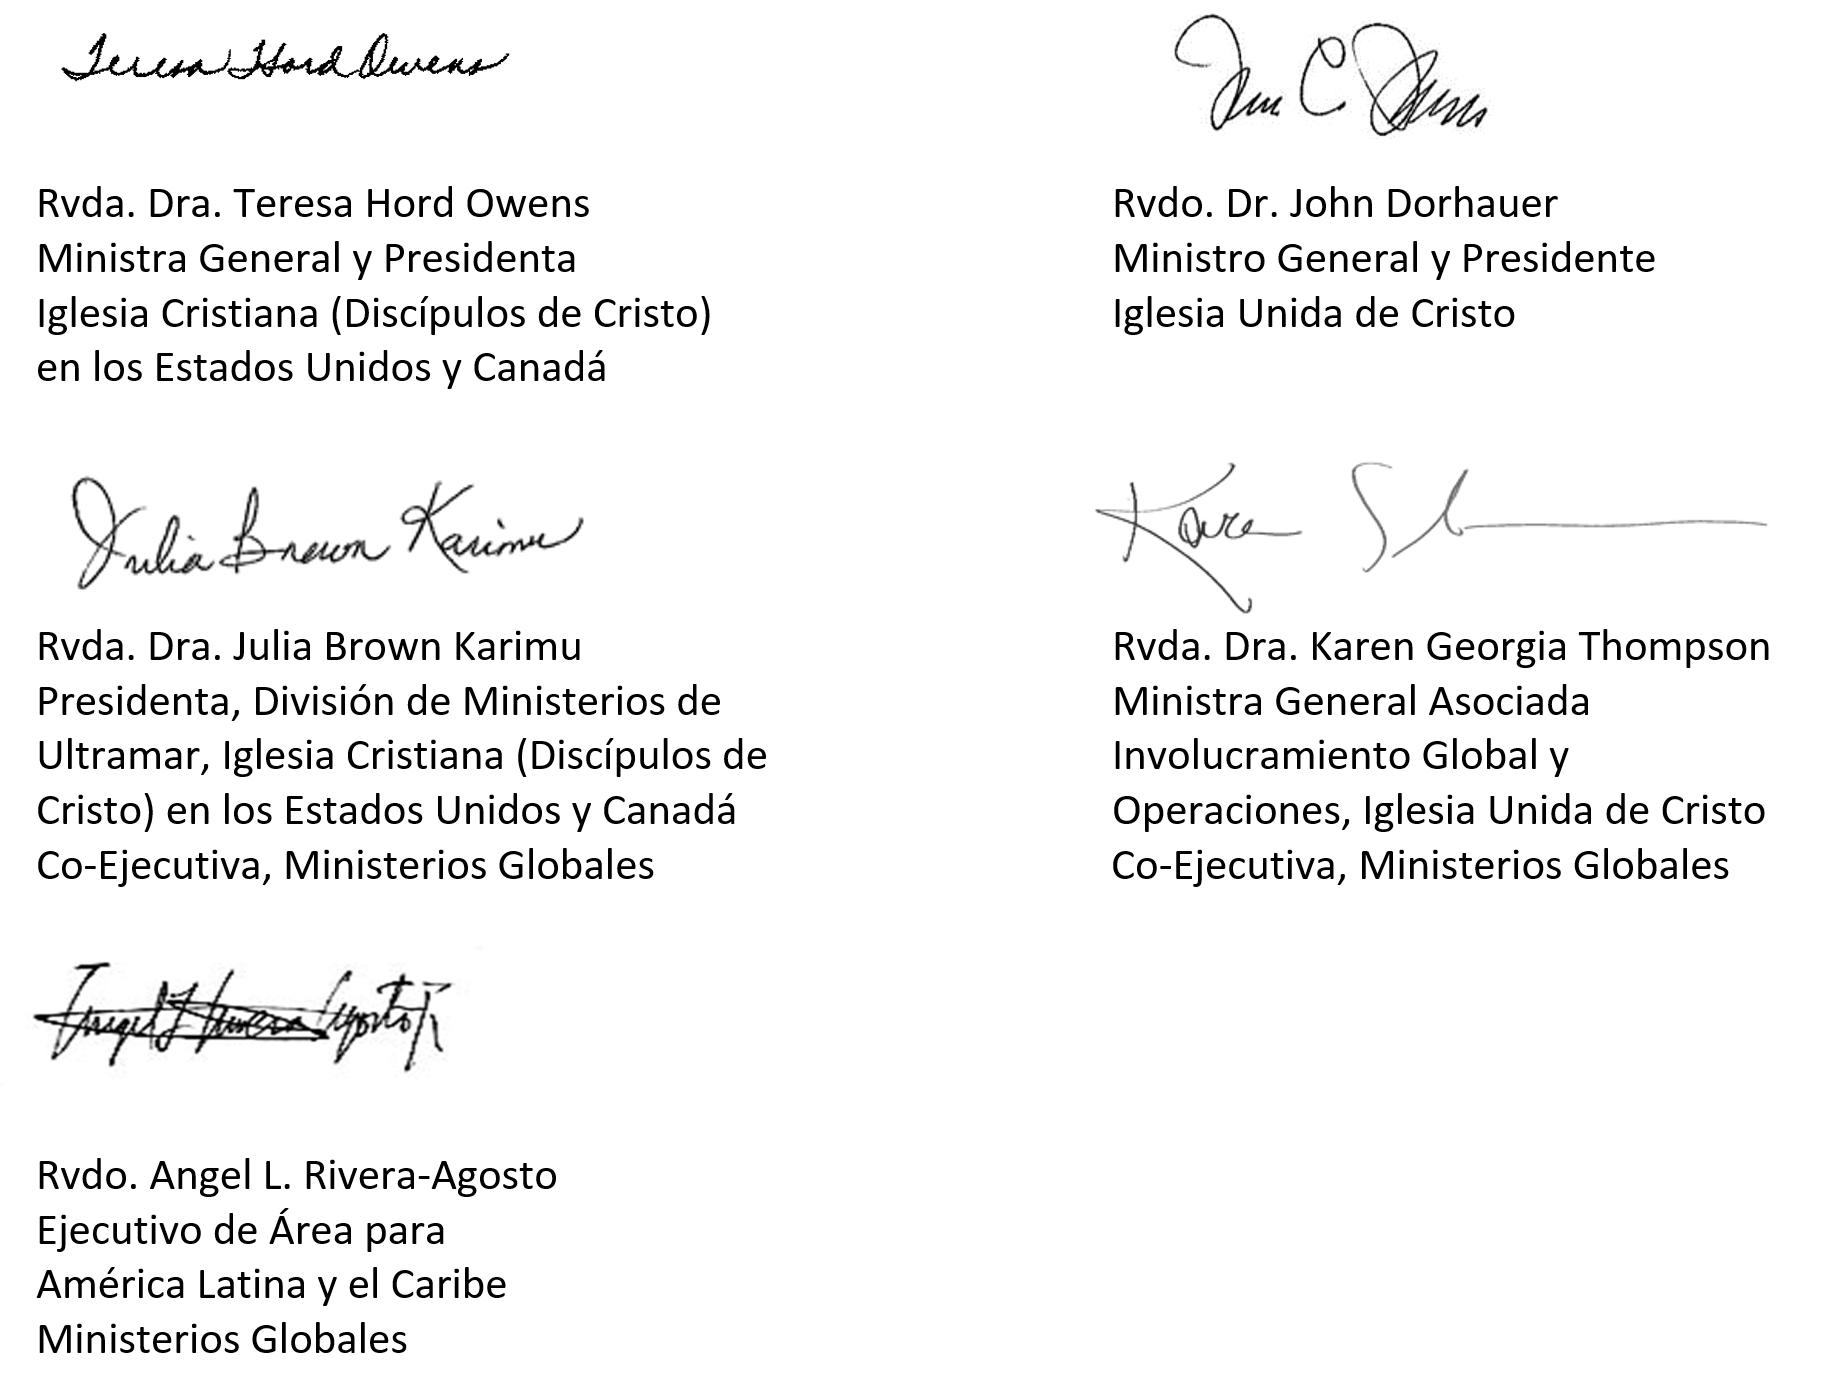 venezuelaspanishsignatures.png